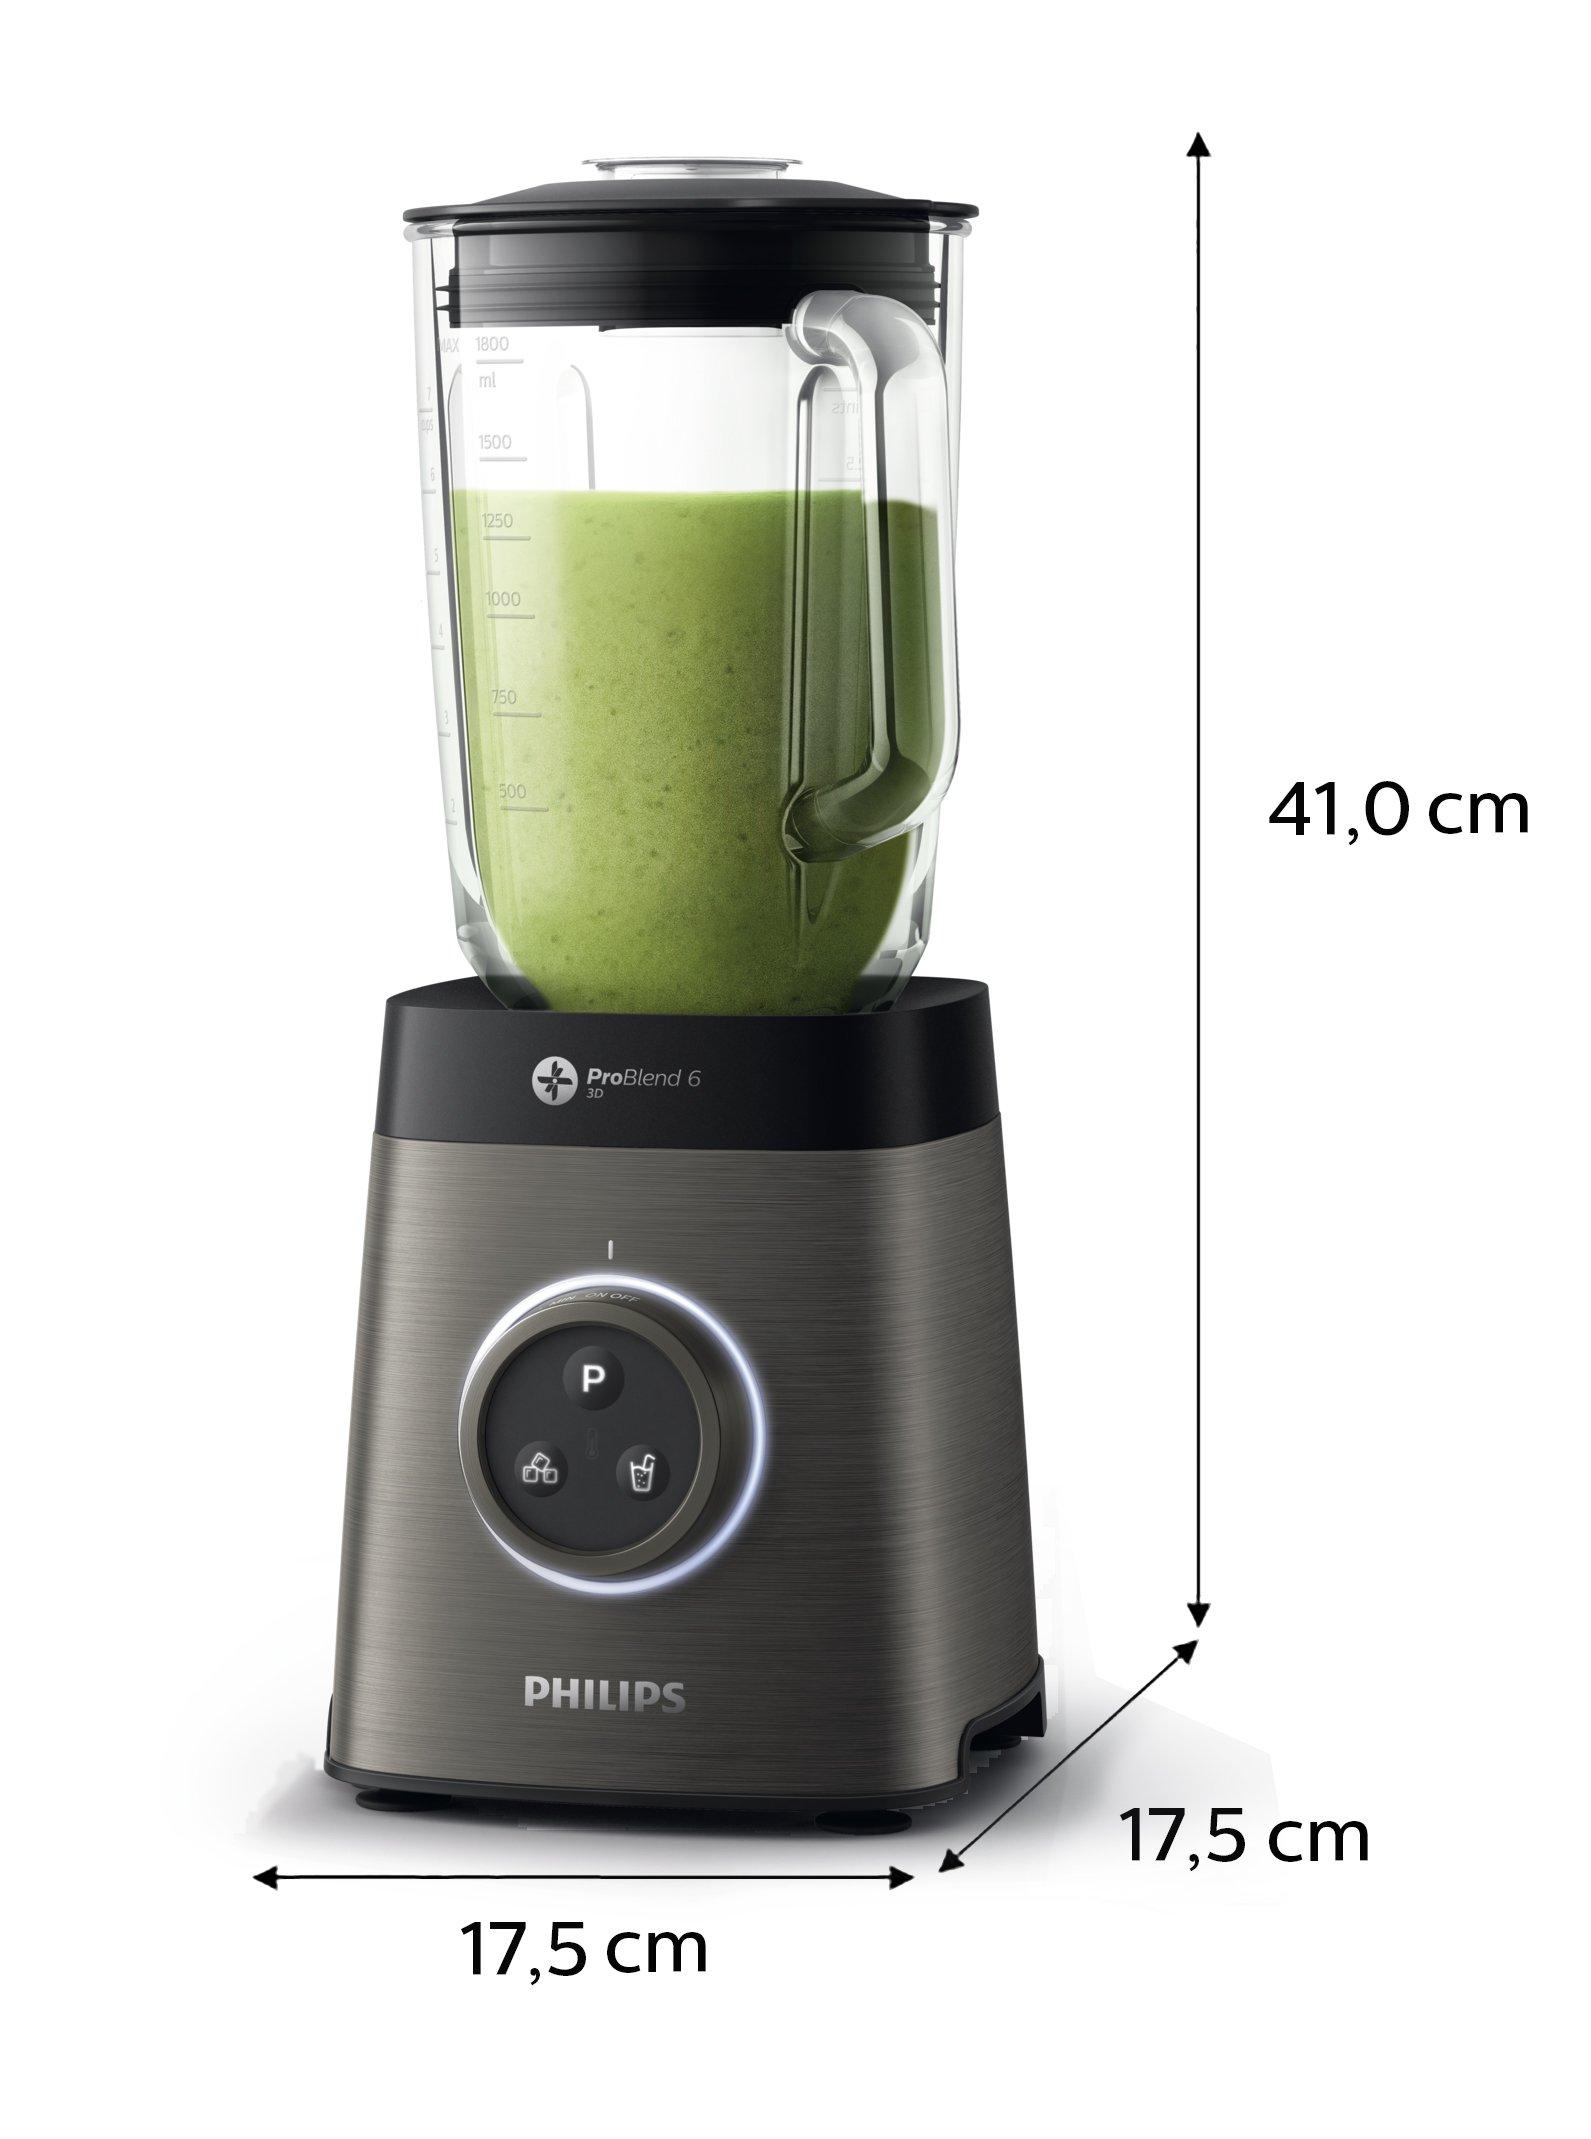 Philips-HR365790-HochleistungsmixerPremium-Smoothie-Maker-1400-Watt-50-feinere-Mixergebnisse-titanium